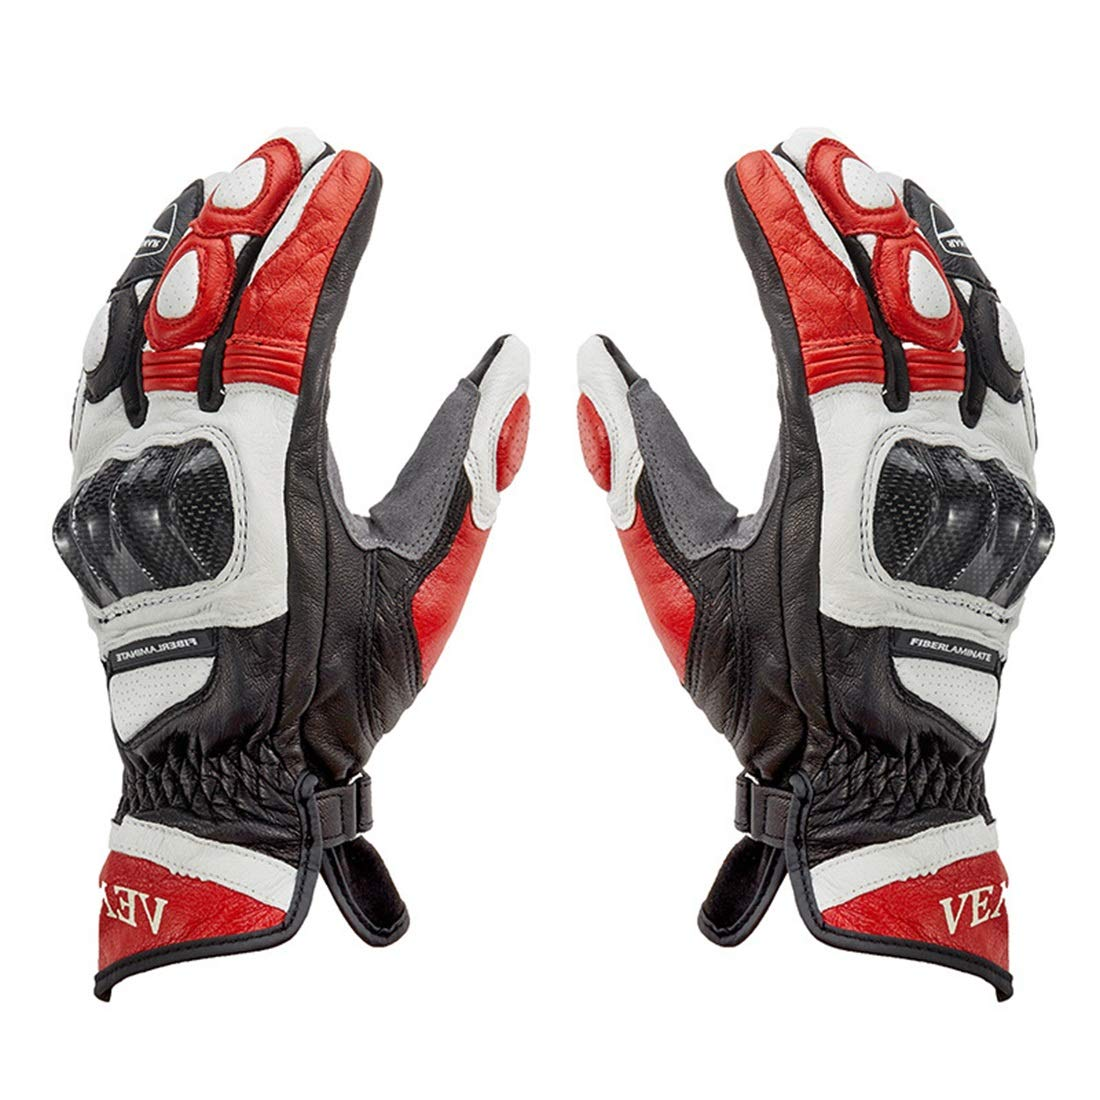 Annis6 オートバイ用グローブフルフィンガーサイクリンググローブクライミングハイキングアウトドアスポーツ (色 : レッド, サイズ : M) Medium レッド B07SDPQSLW